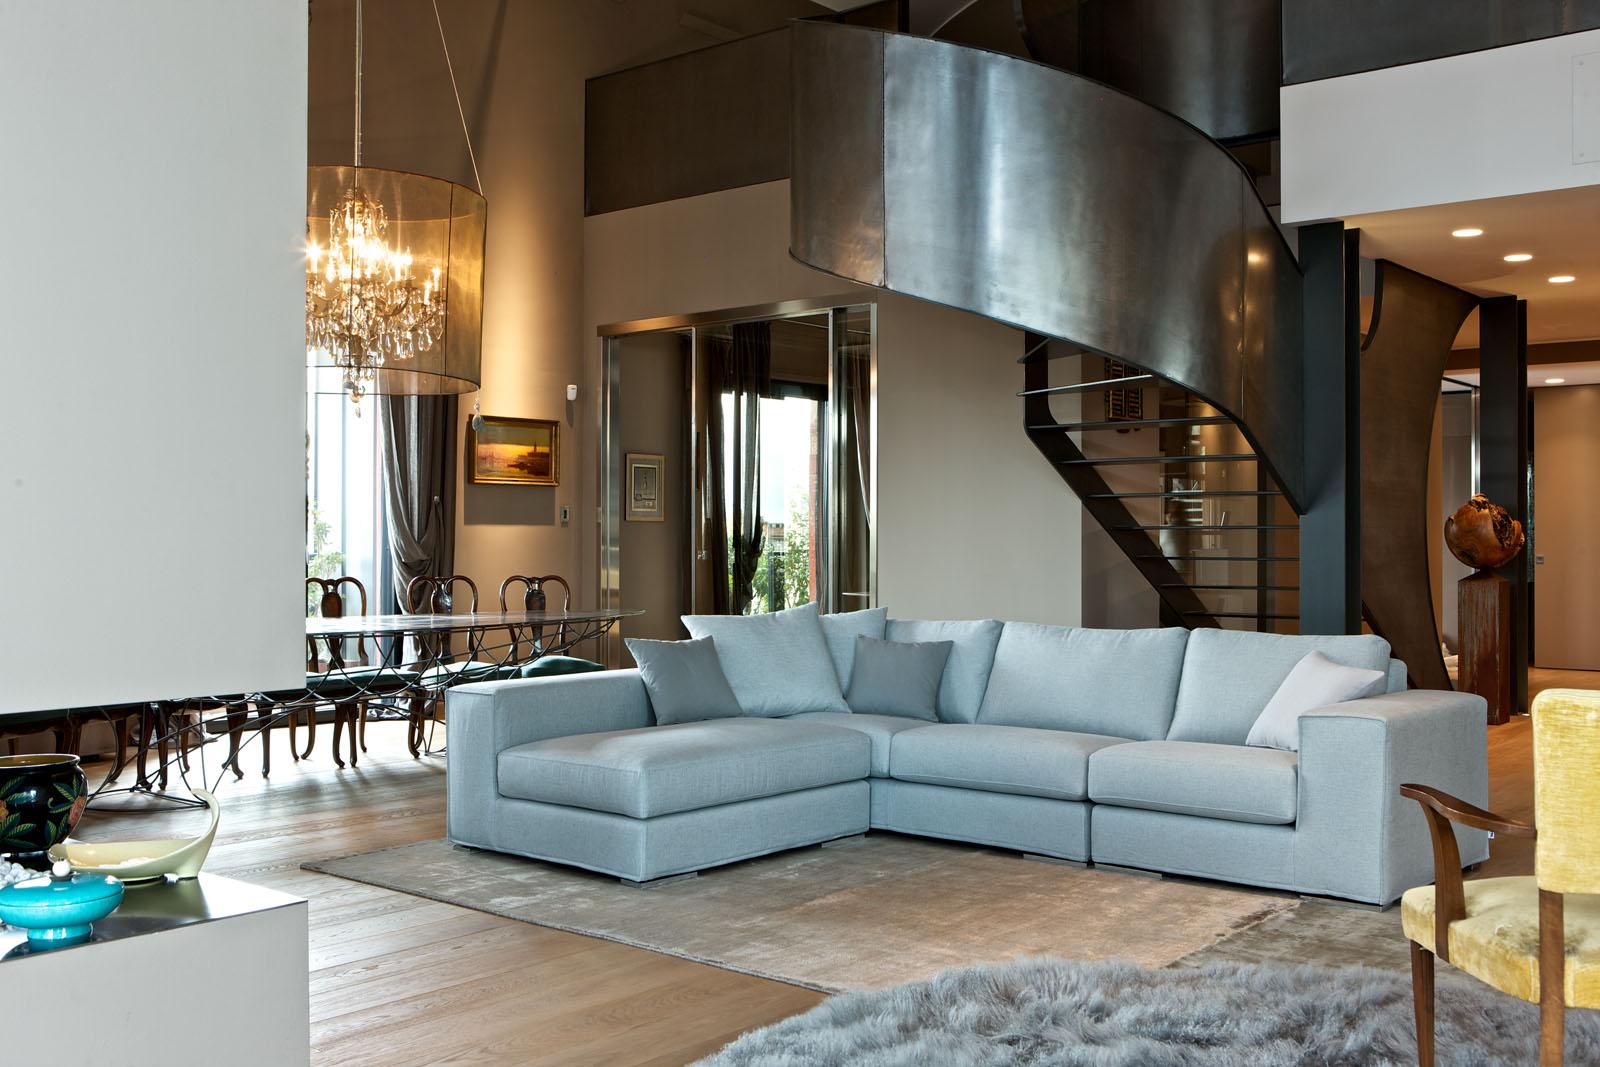 Divani blog tino mariani divani su misura in tessuto for Divani su misura